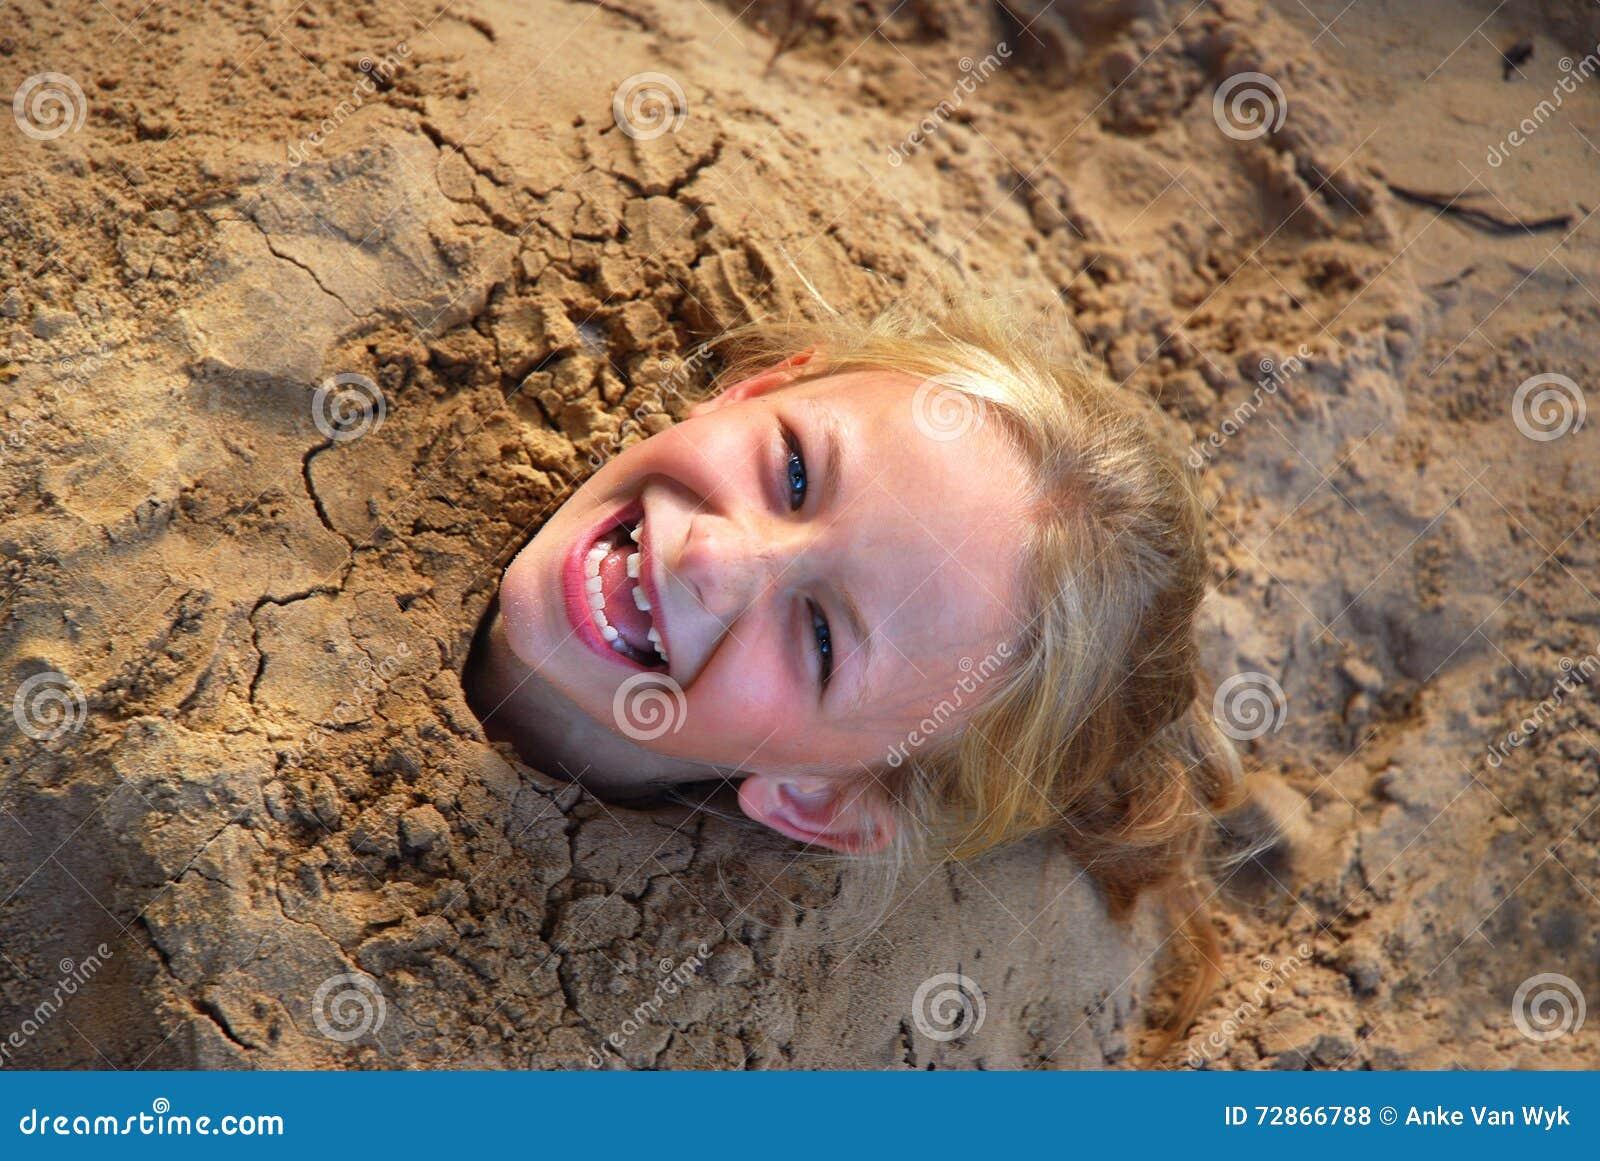 小女孩开掘了入沙子